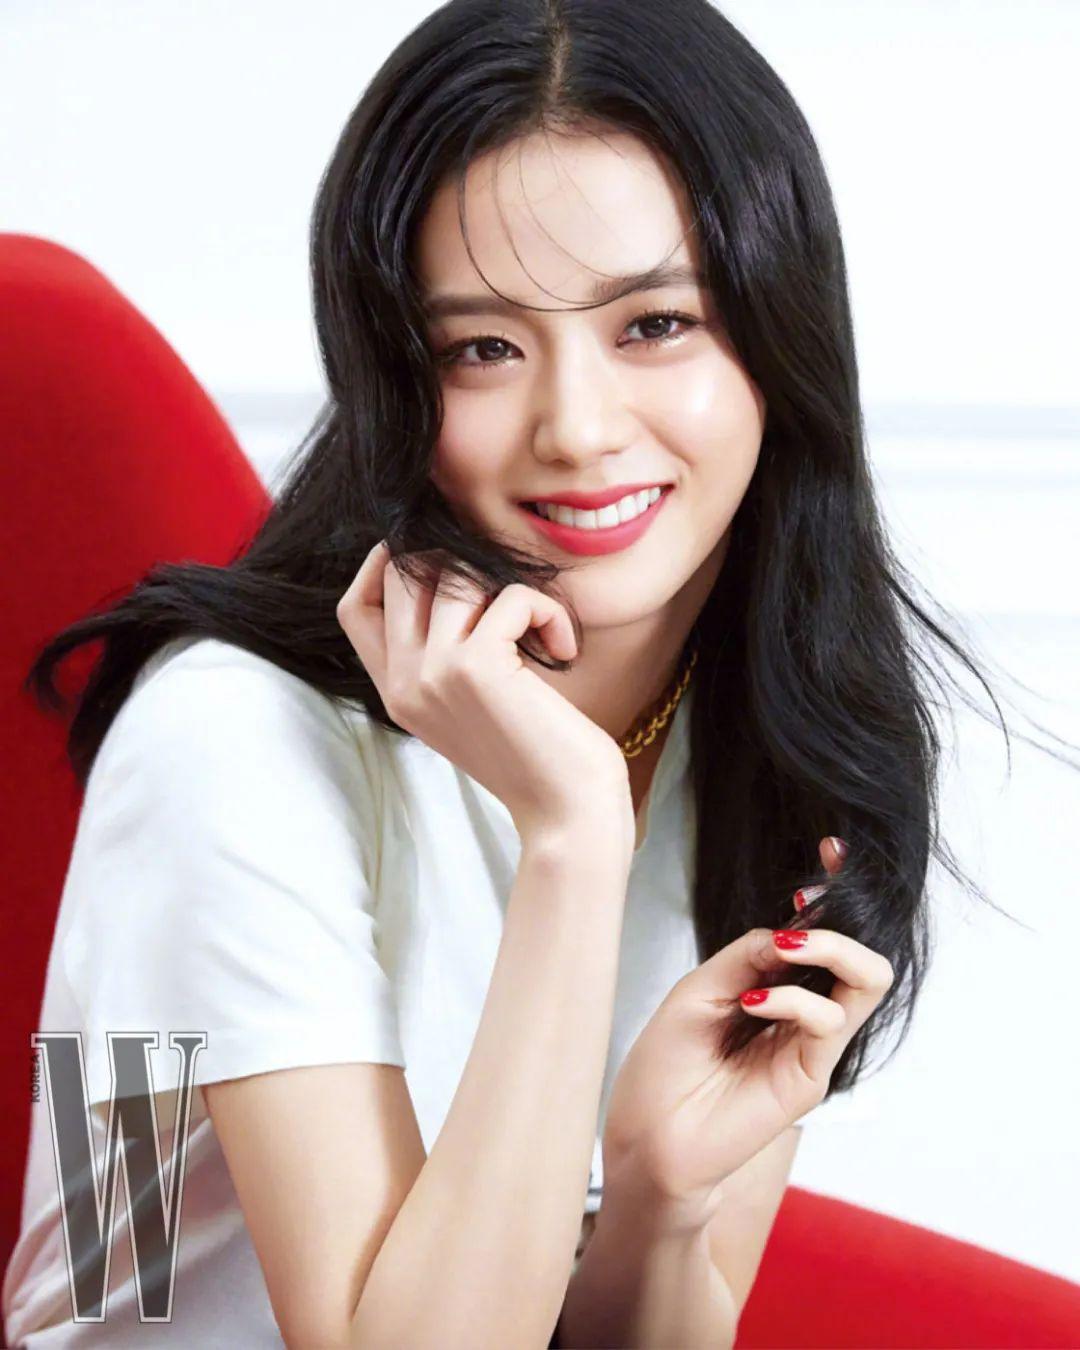 妹子写真 -年轻版林青霞和韩国美女金智秀,你更喜欢哪位呢?_图片 No.24